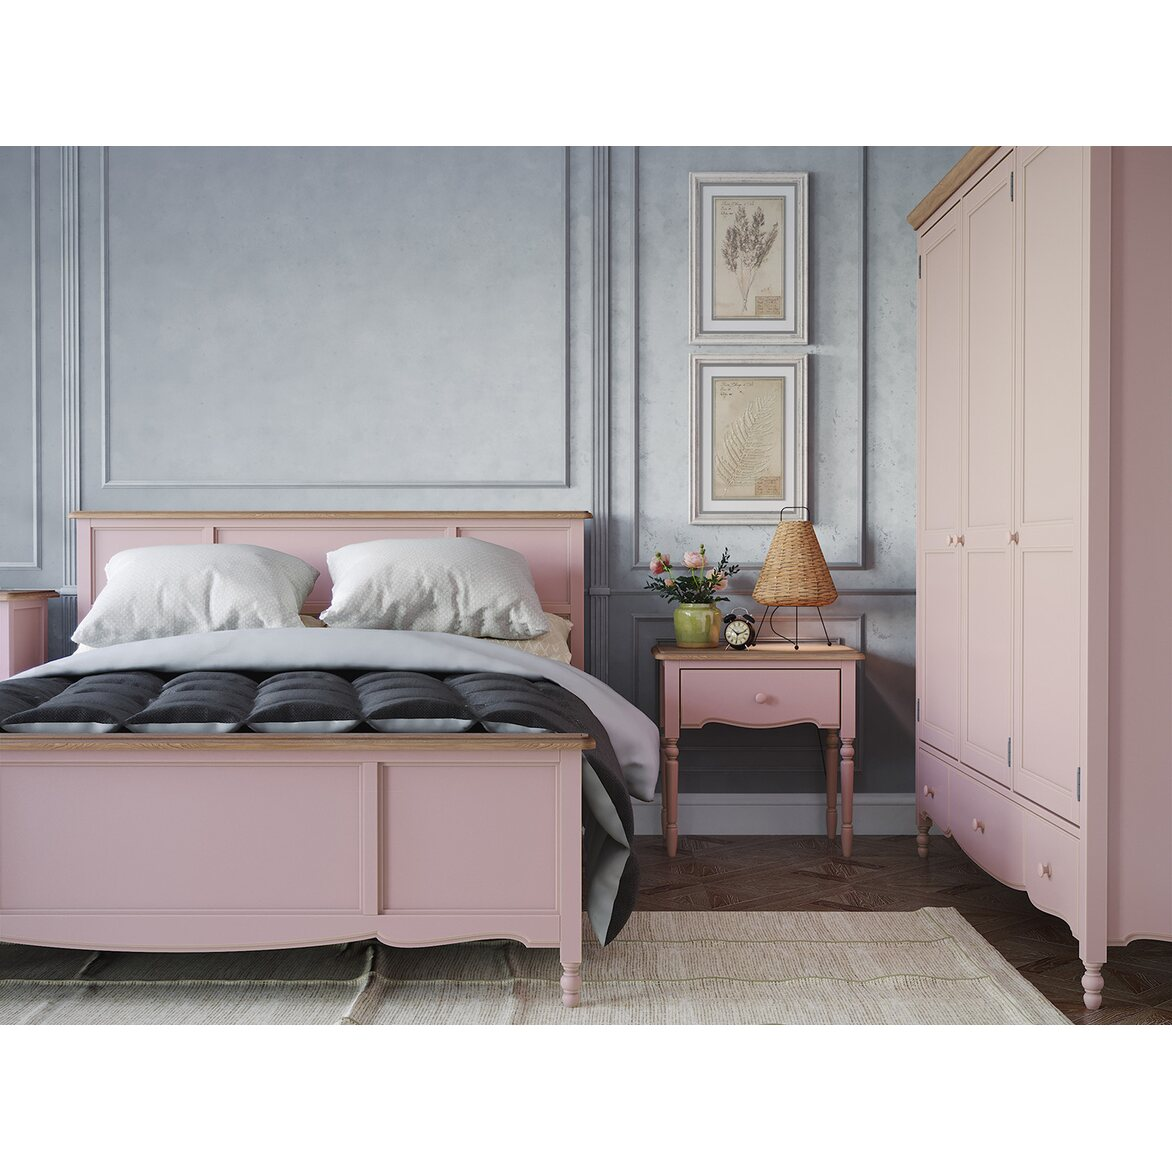 Кровать односпальная 120*200 Leblanc, лаванда 5 | Односпальные кровати Kingsby